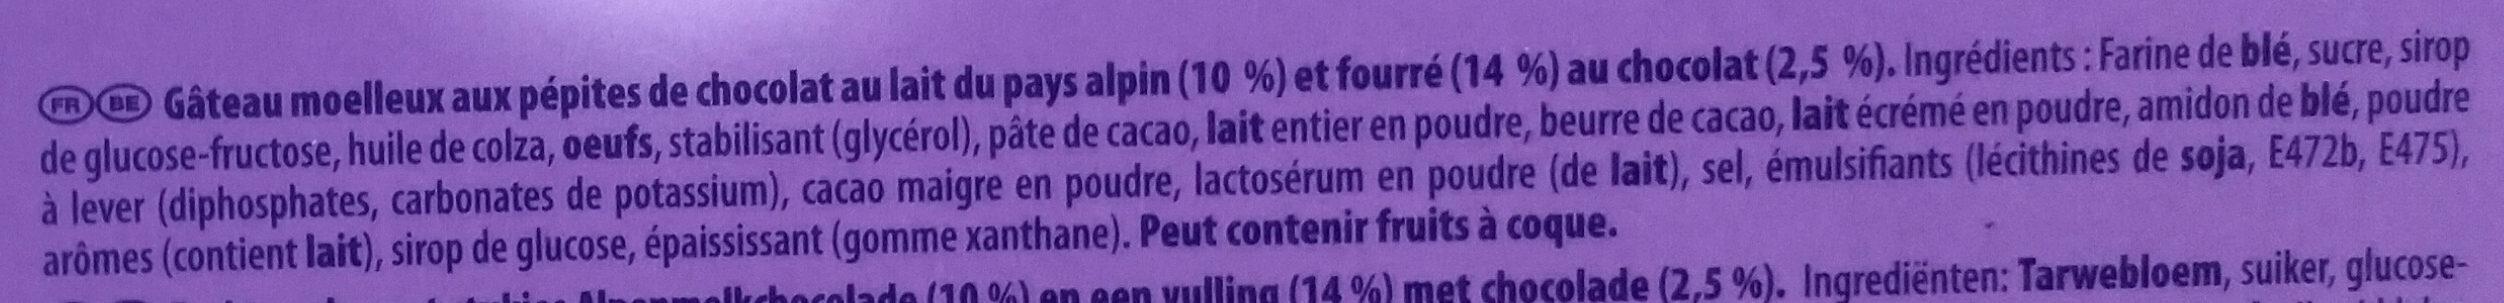 Cake & Choc - Ingredientes - fr